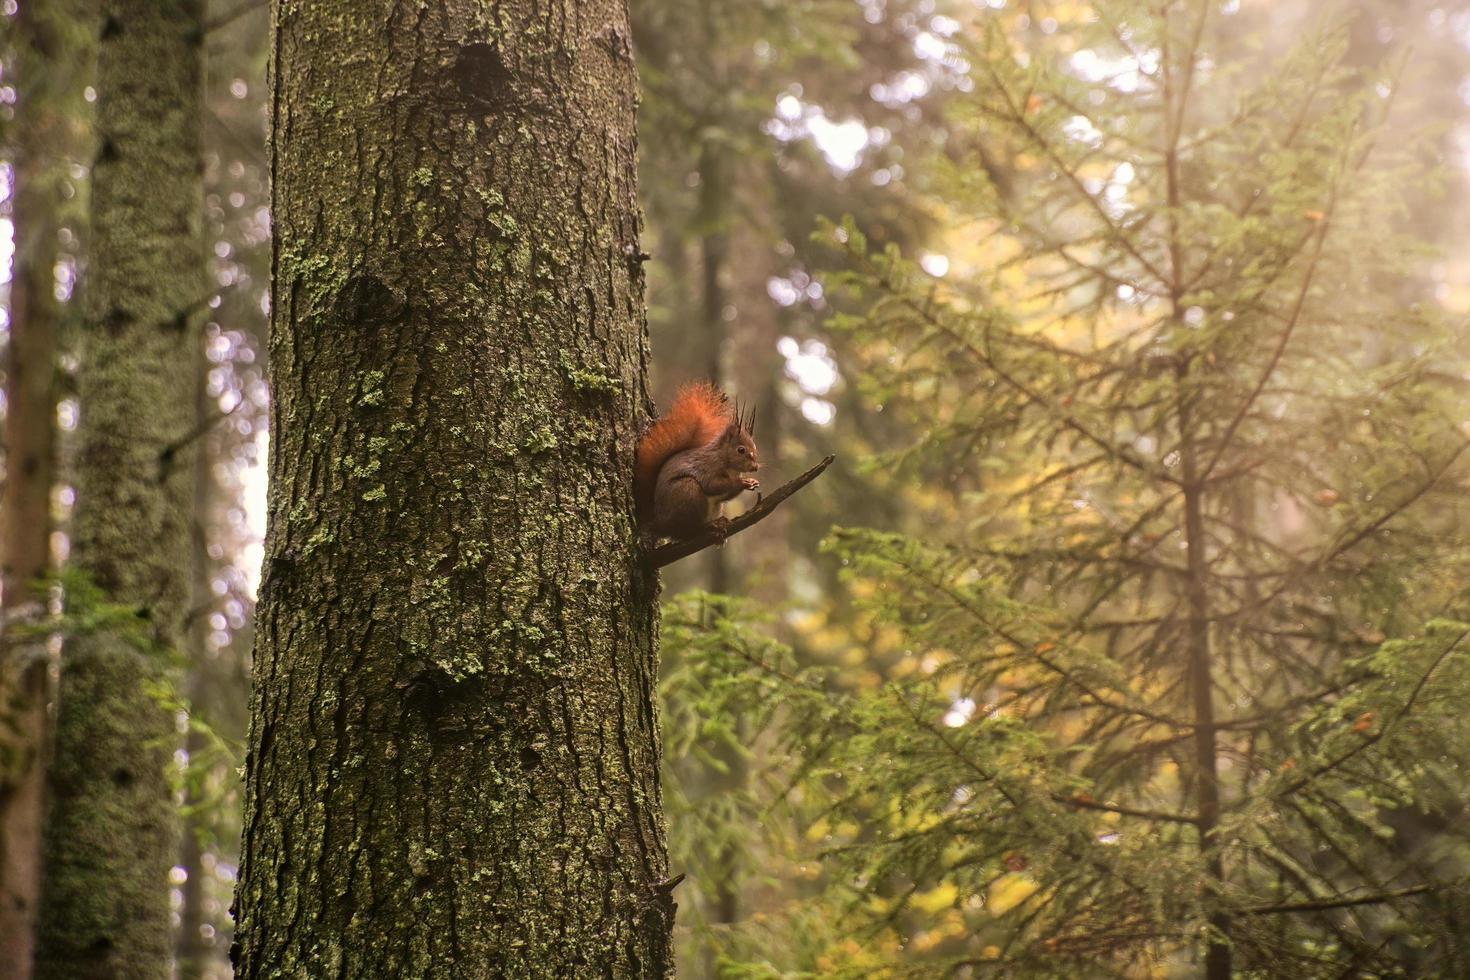 Eichhörnchen auf dem Baum foto